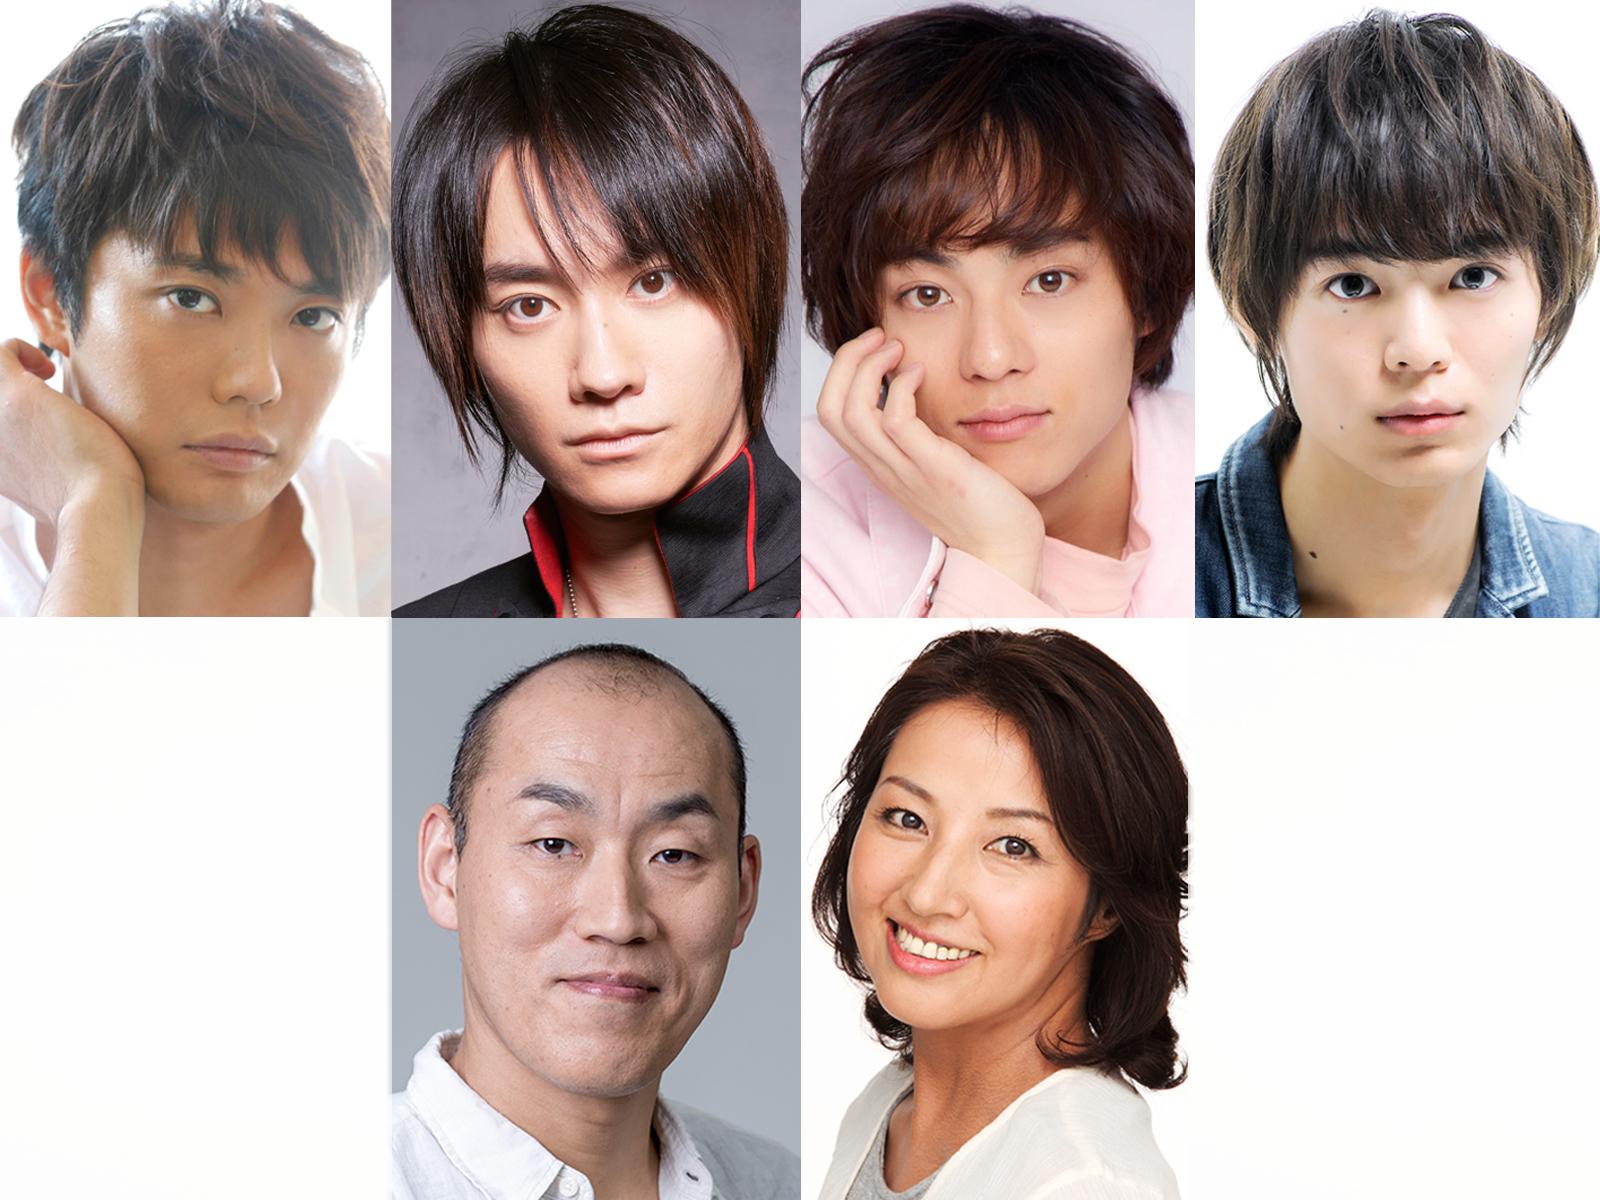 『宝塚BOYS』上段左から:藤岡正明、良知真次、永田崇人、溝口琢矢/下段左から:山西 惇、愛華みれ